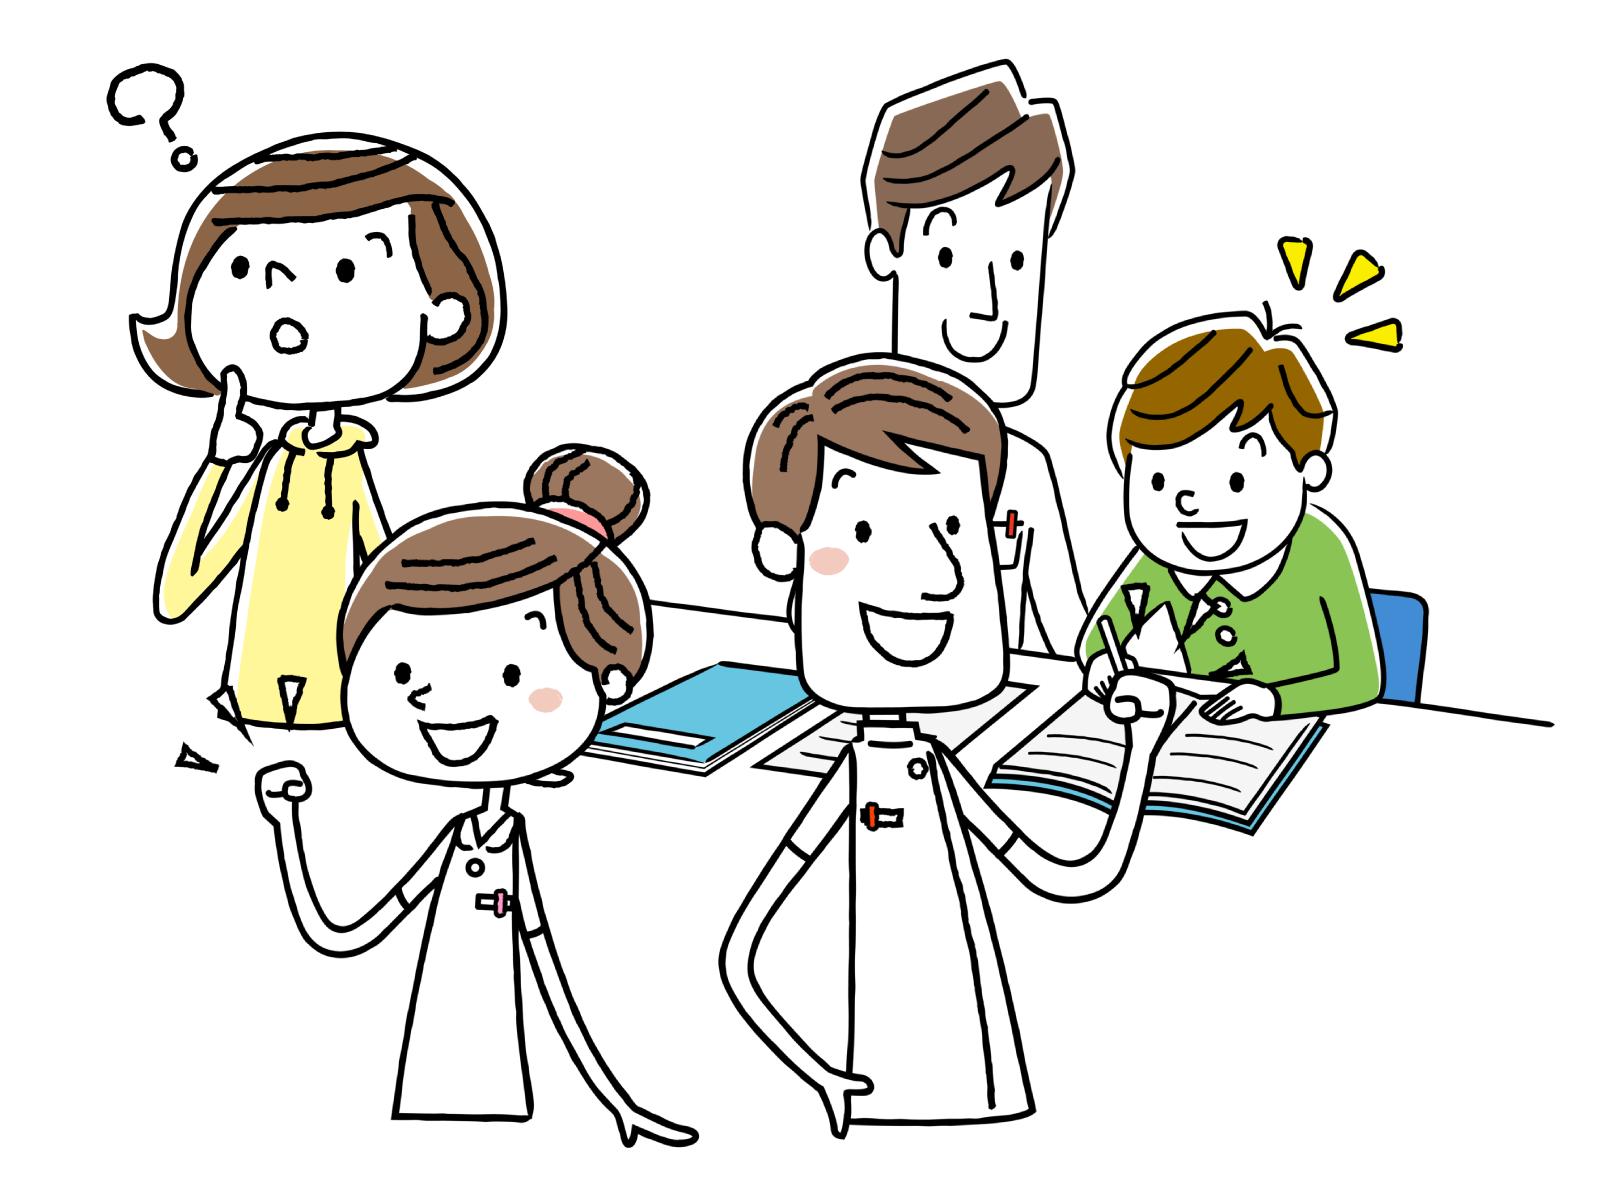 福祉サービスが必要な人をサポートする仕事のイメージイラスト